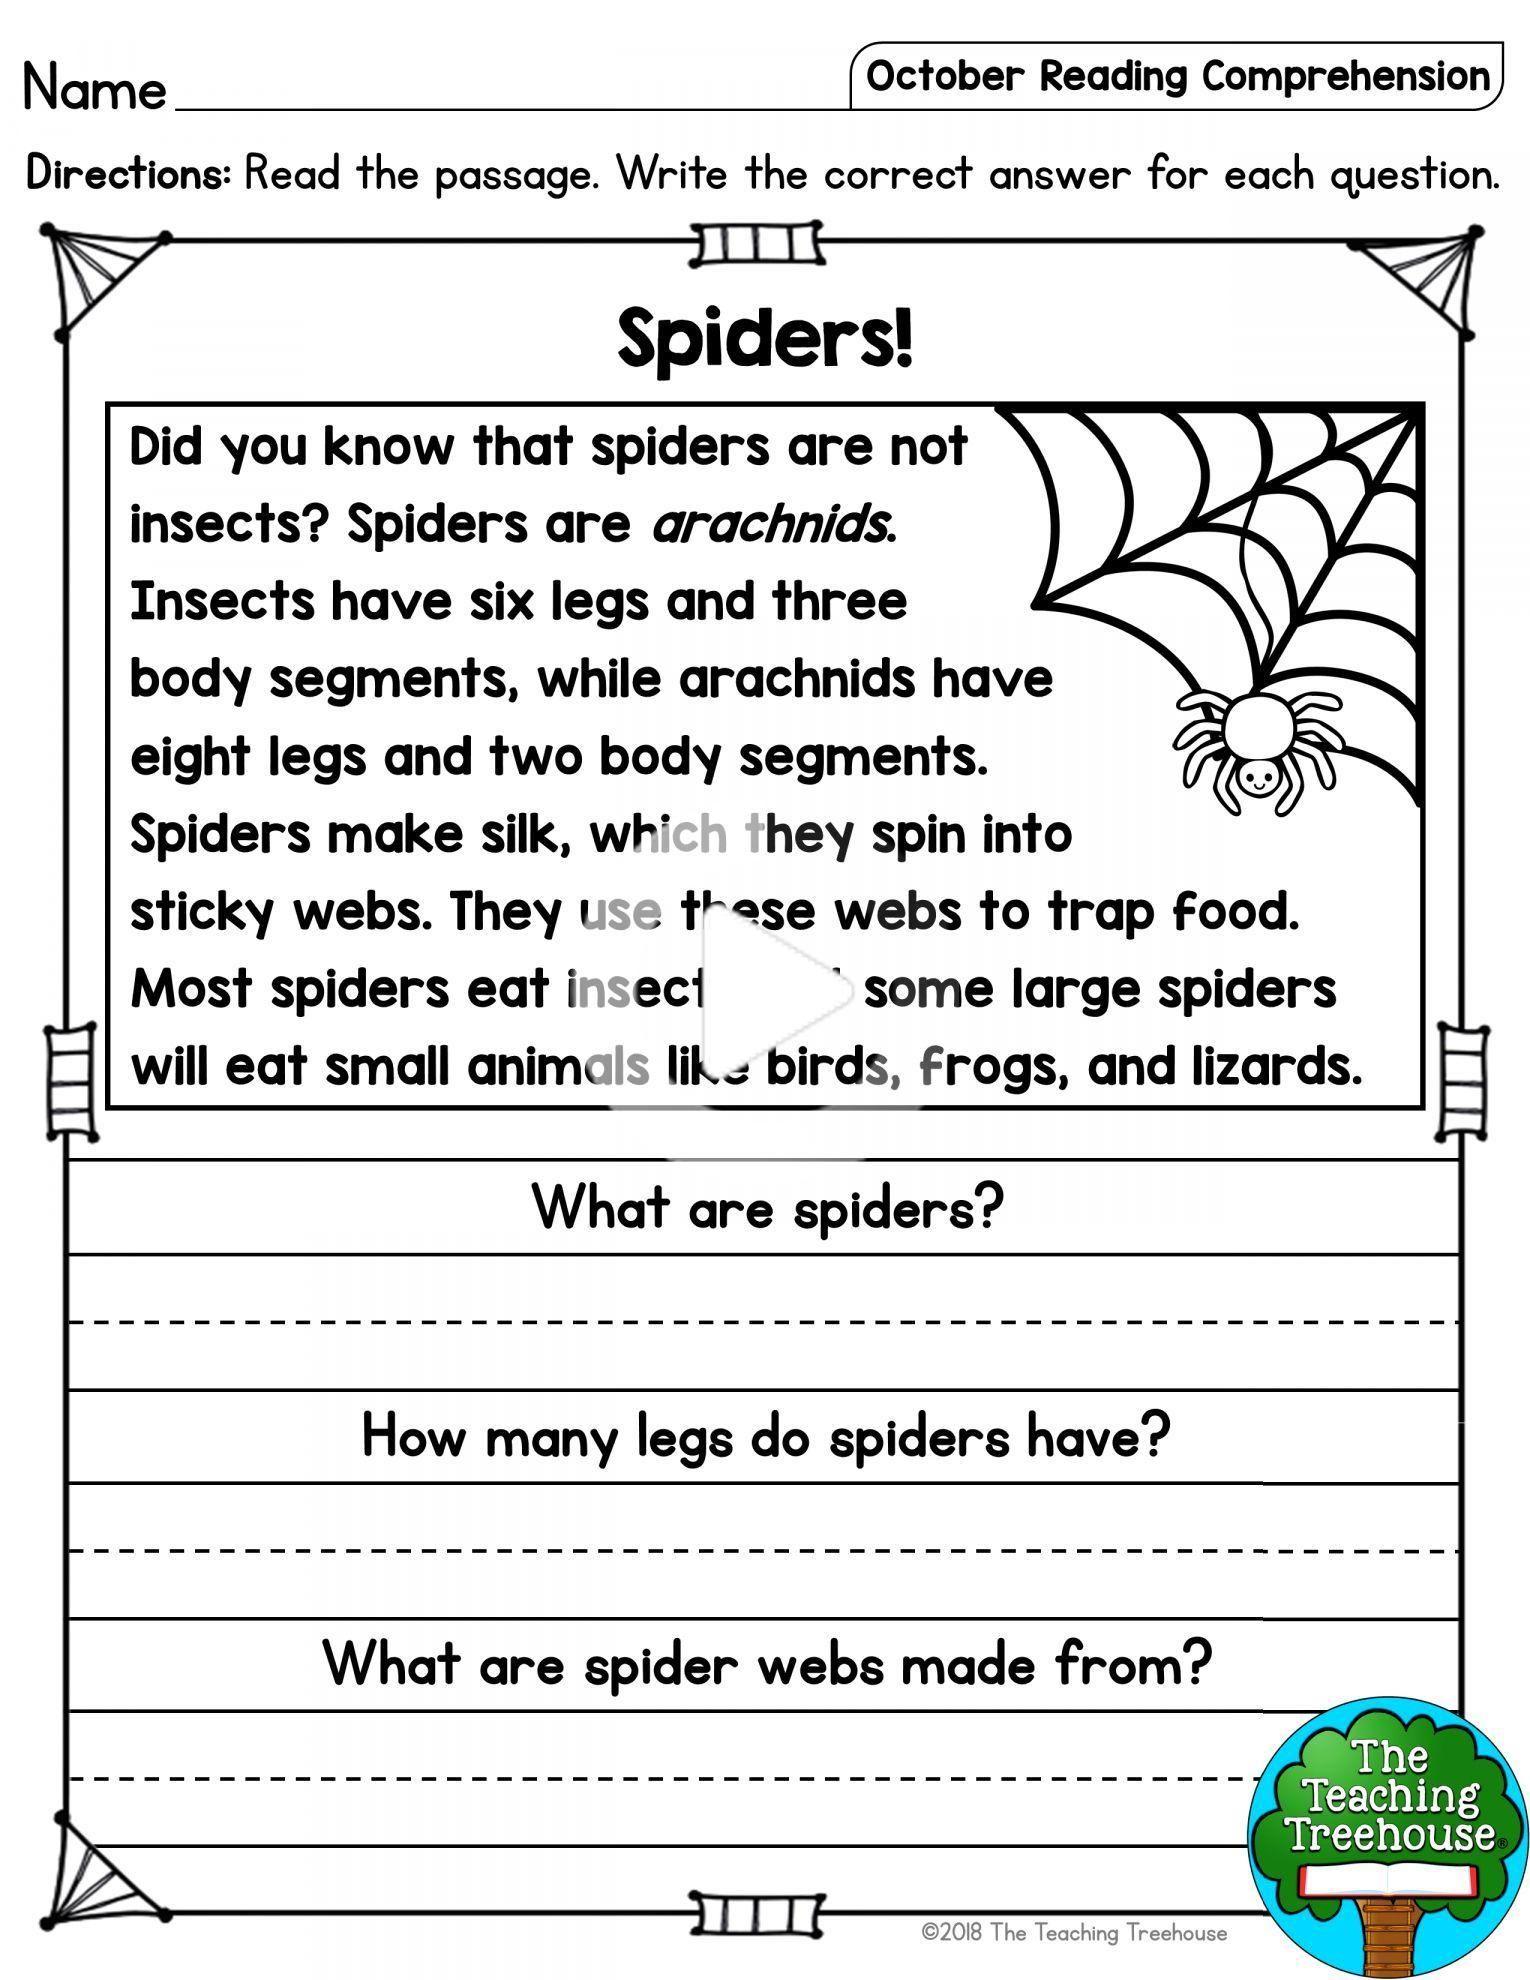 9 Spider Reading Comprehension Worksheet Reading Reading Reading Comprehension Lessons Reading Comprehension Kindergarten Reading Comprehension Passages Reading comprehension level 9